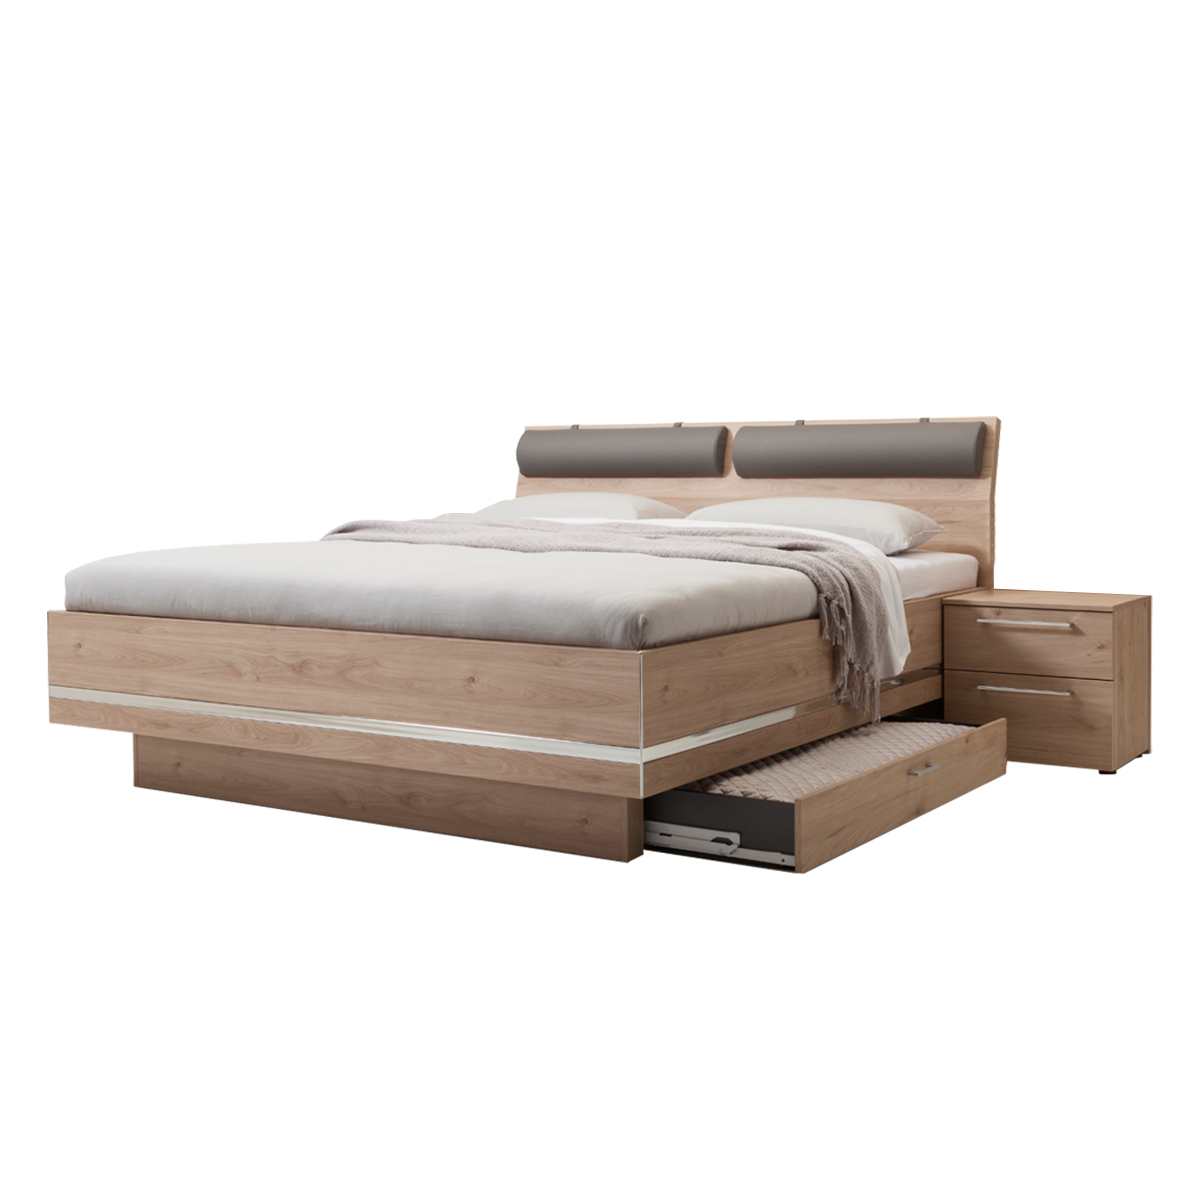 Nolte Möbel Concept Me 500 Bettanlage mit Bettkästen in Jackson-Eiche